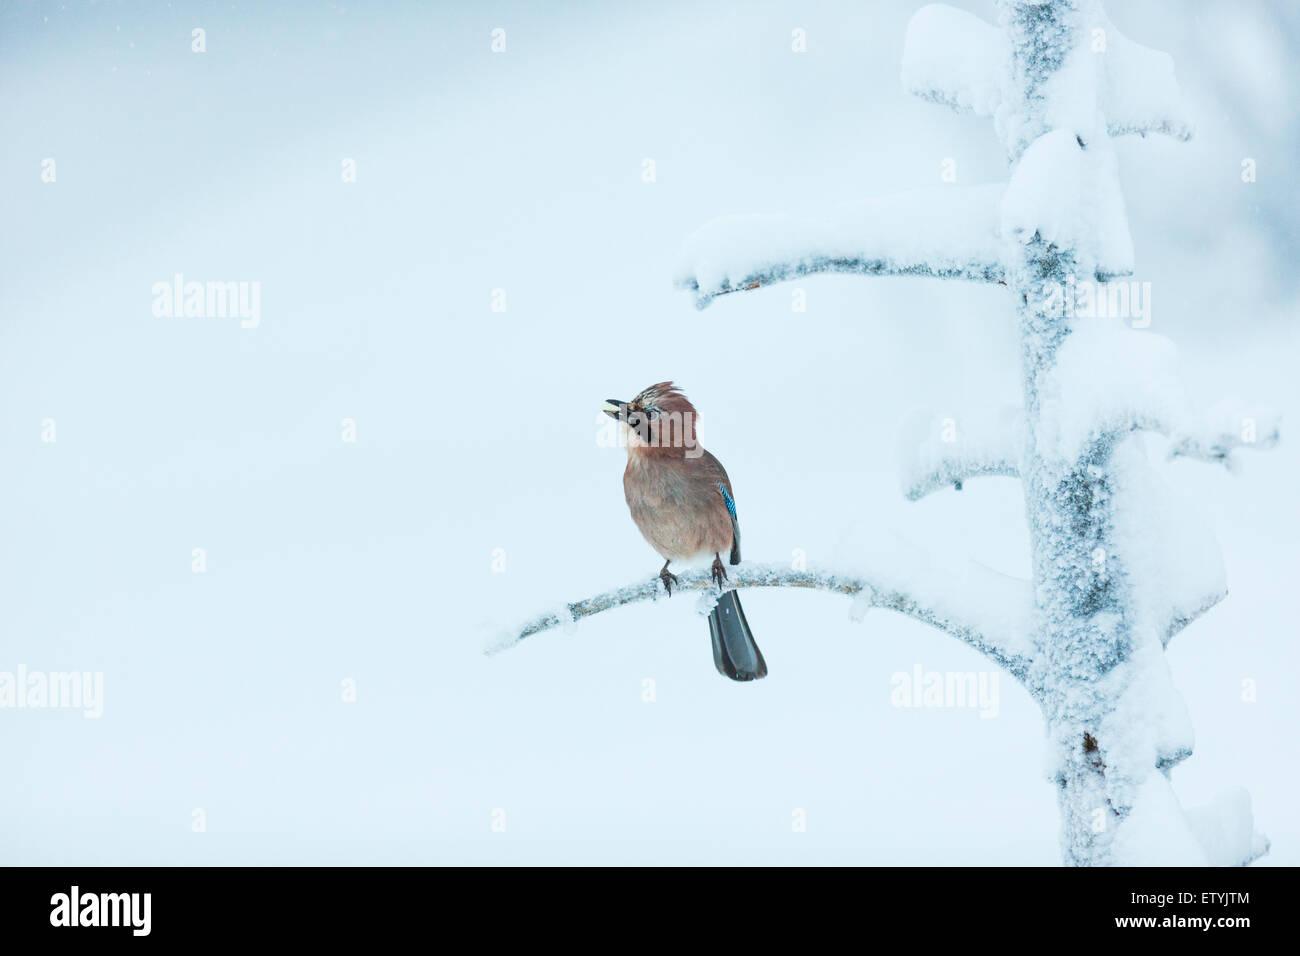 Eichelhäher Garrulus Glandarius, sitzen in einem eisigen und verschneiten alten Baum sieht aus wie er singt Stockbild